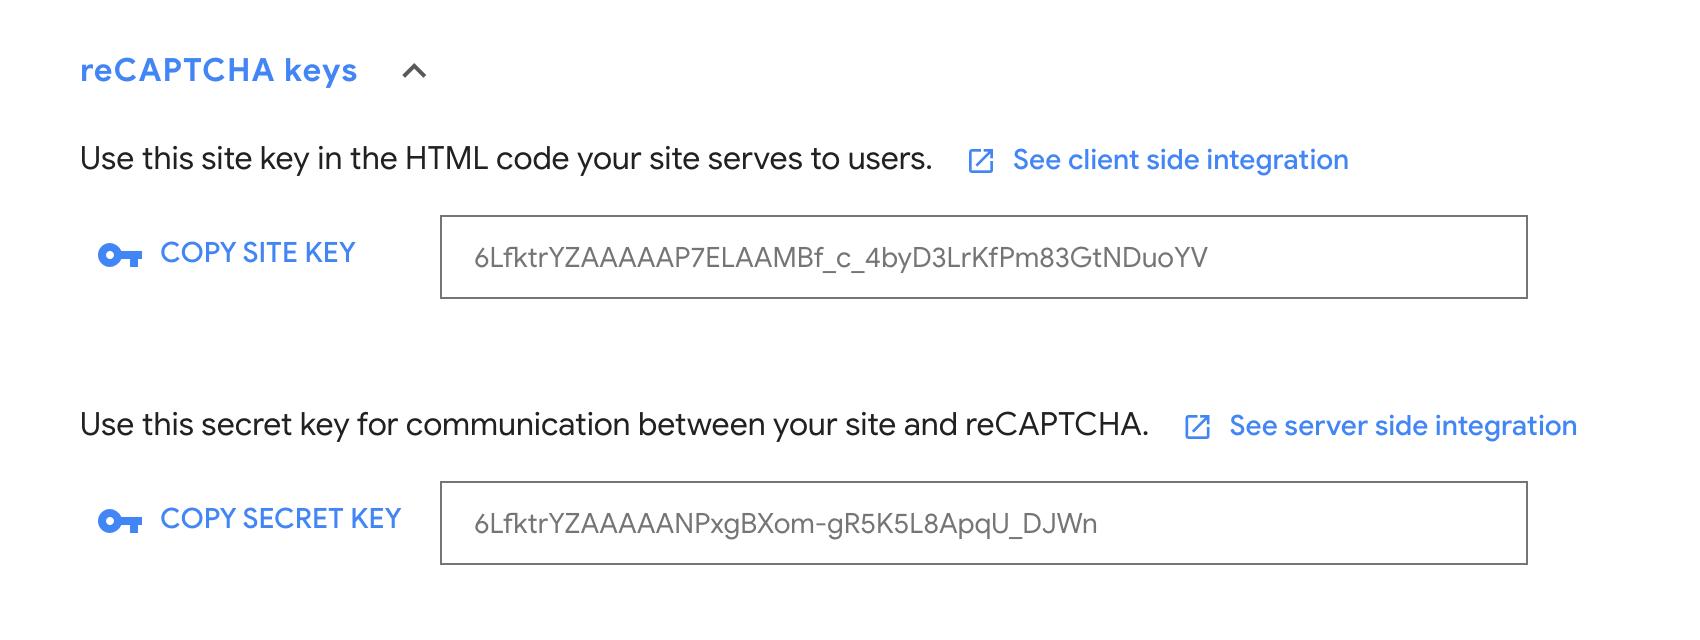 Google reCAPTCHA keys.